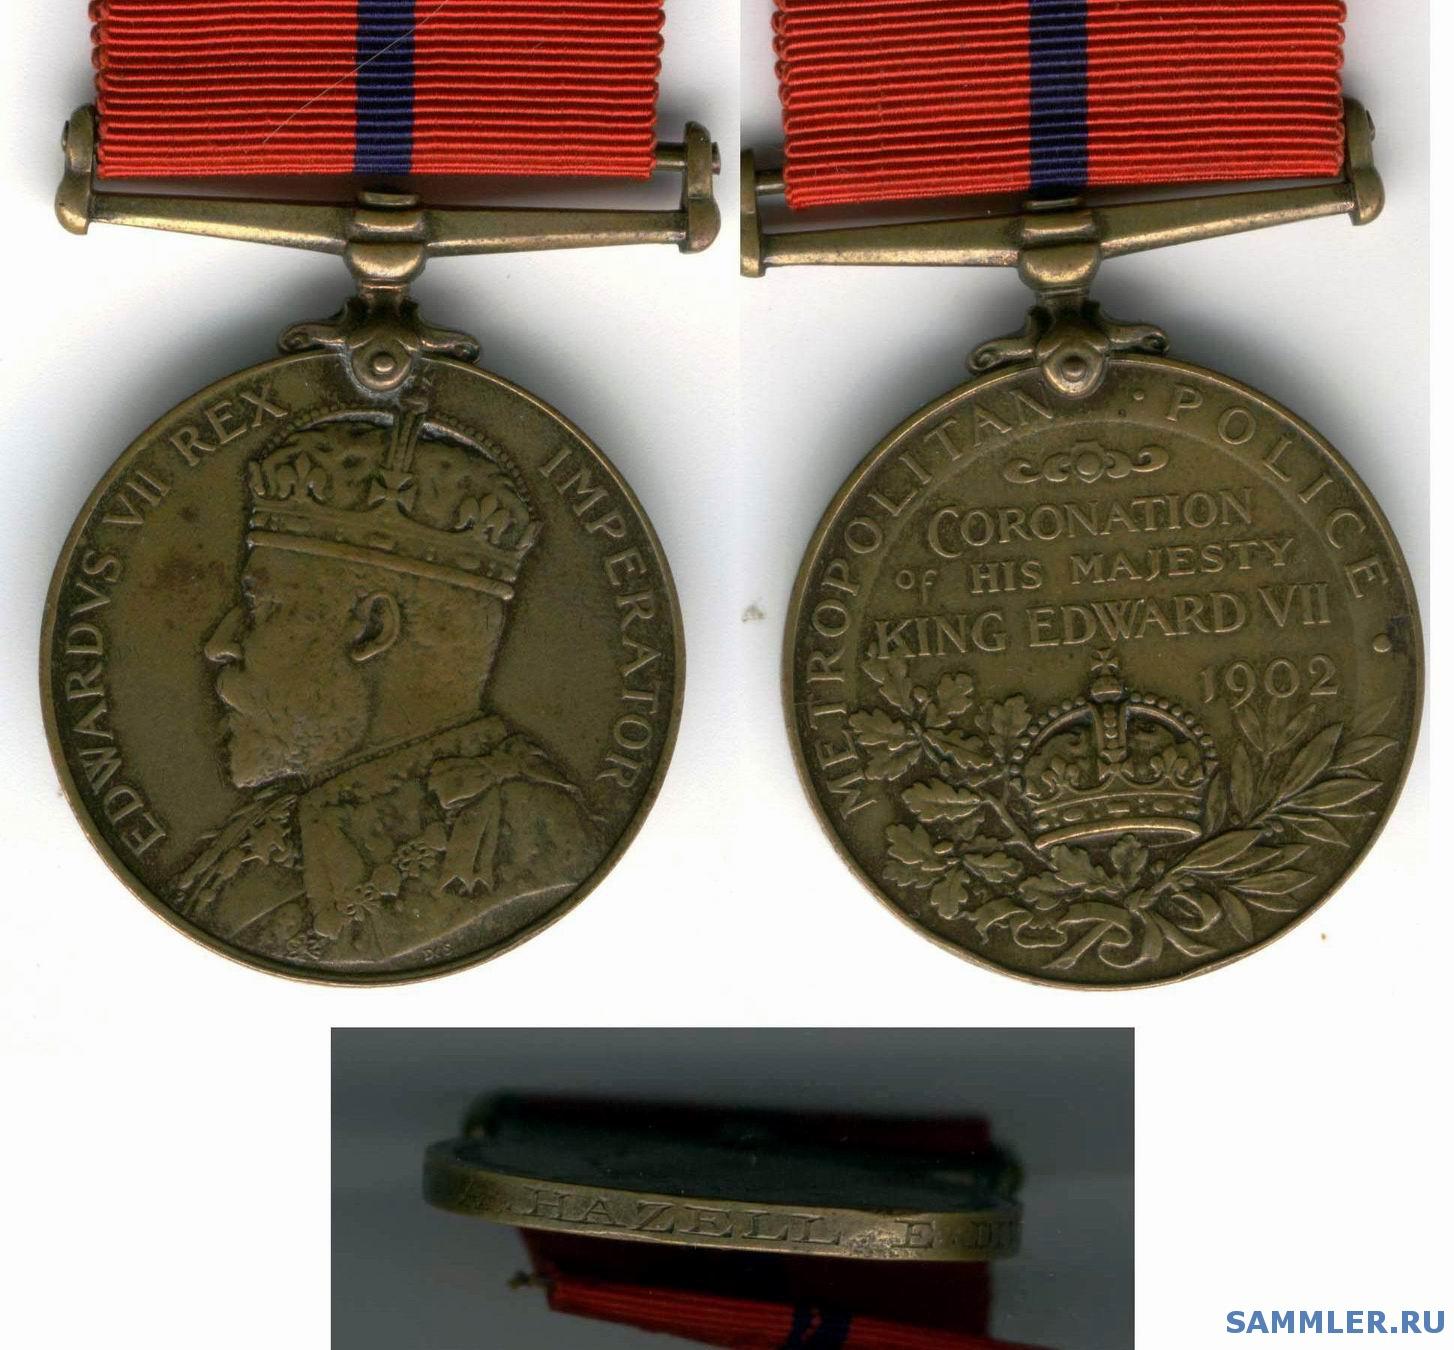 Metropolitan_Police__Edward_VII_Coronation_Medal__1902__A.Hazell_E.Division.jpg